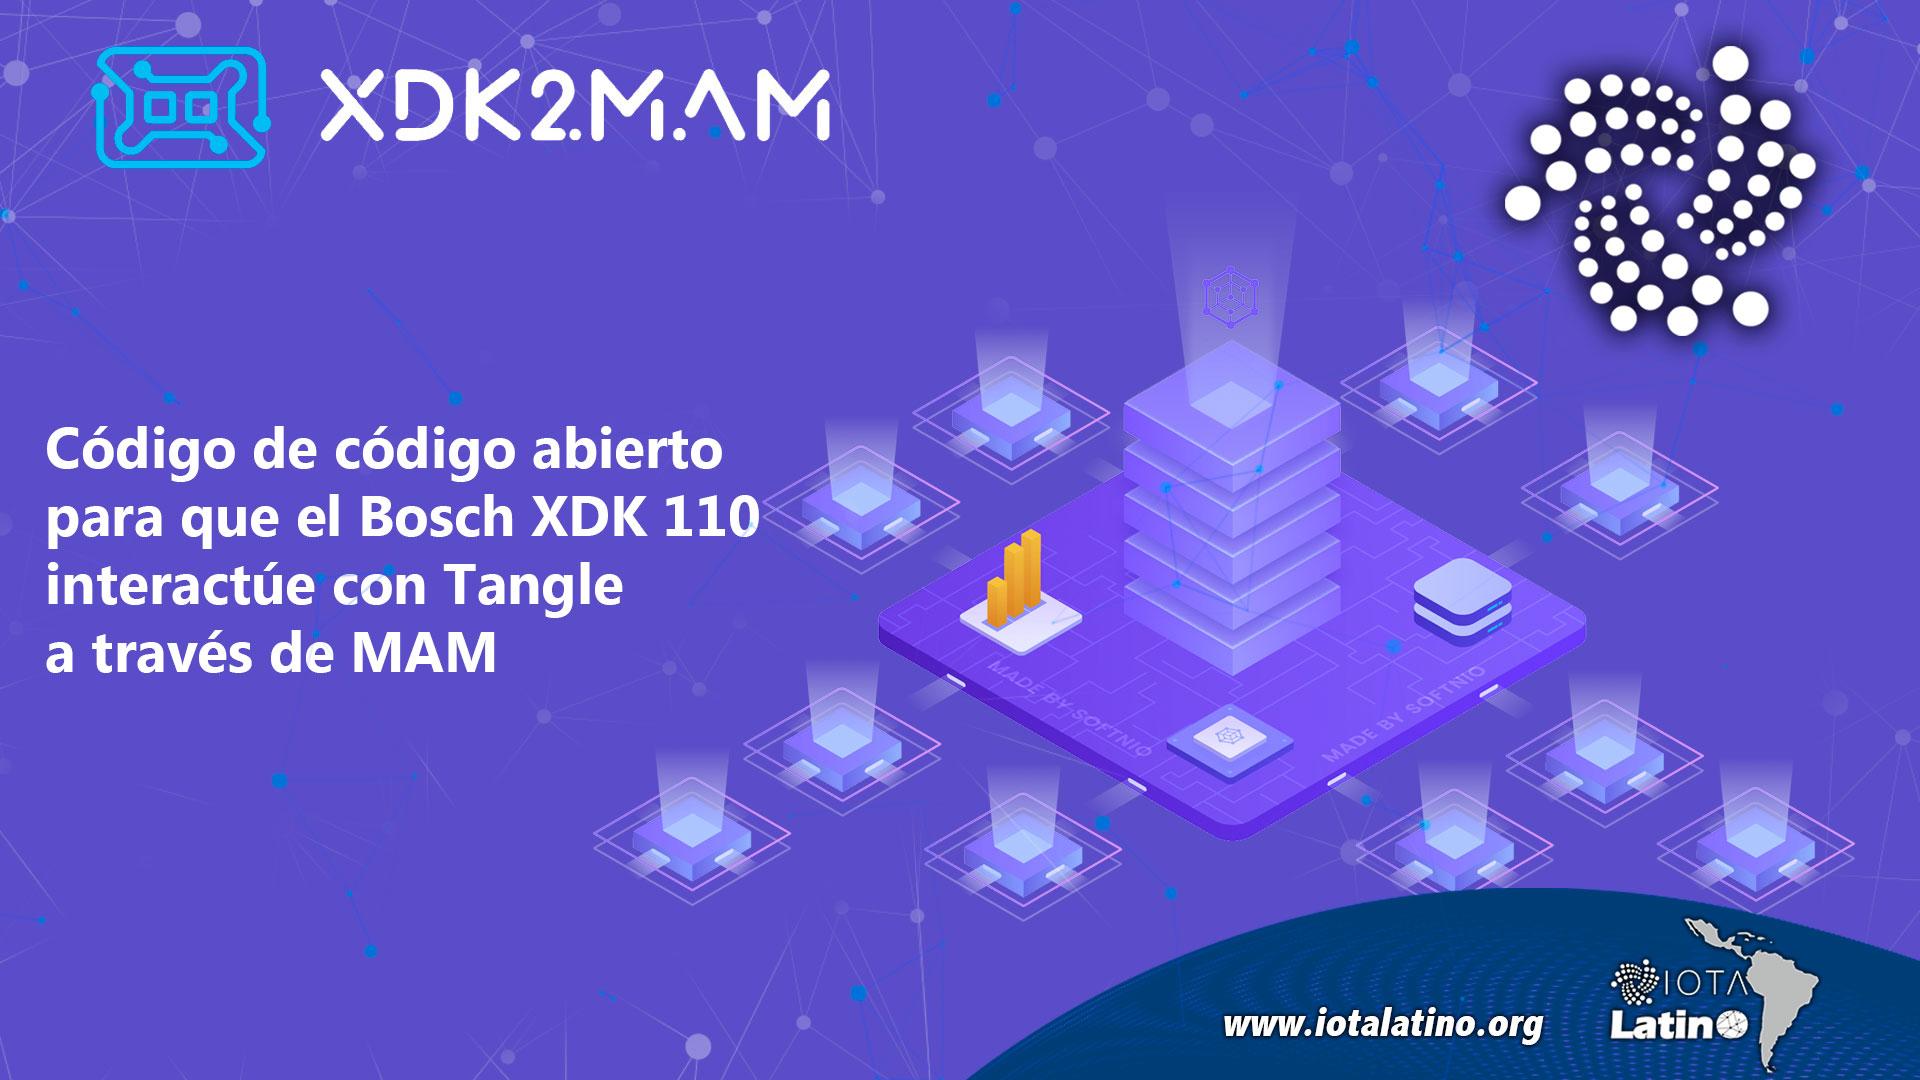 IOTA Latino -Alejandro Elustondo - Daniel De Michele - XDK2MAM - 01